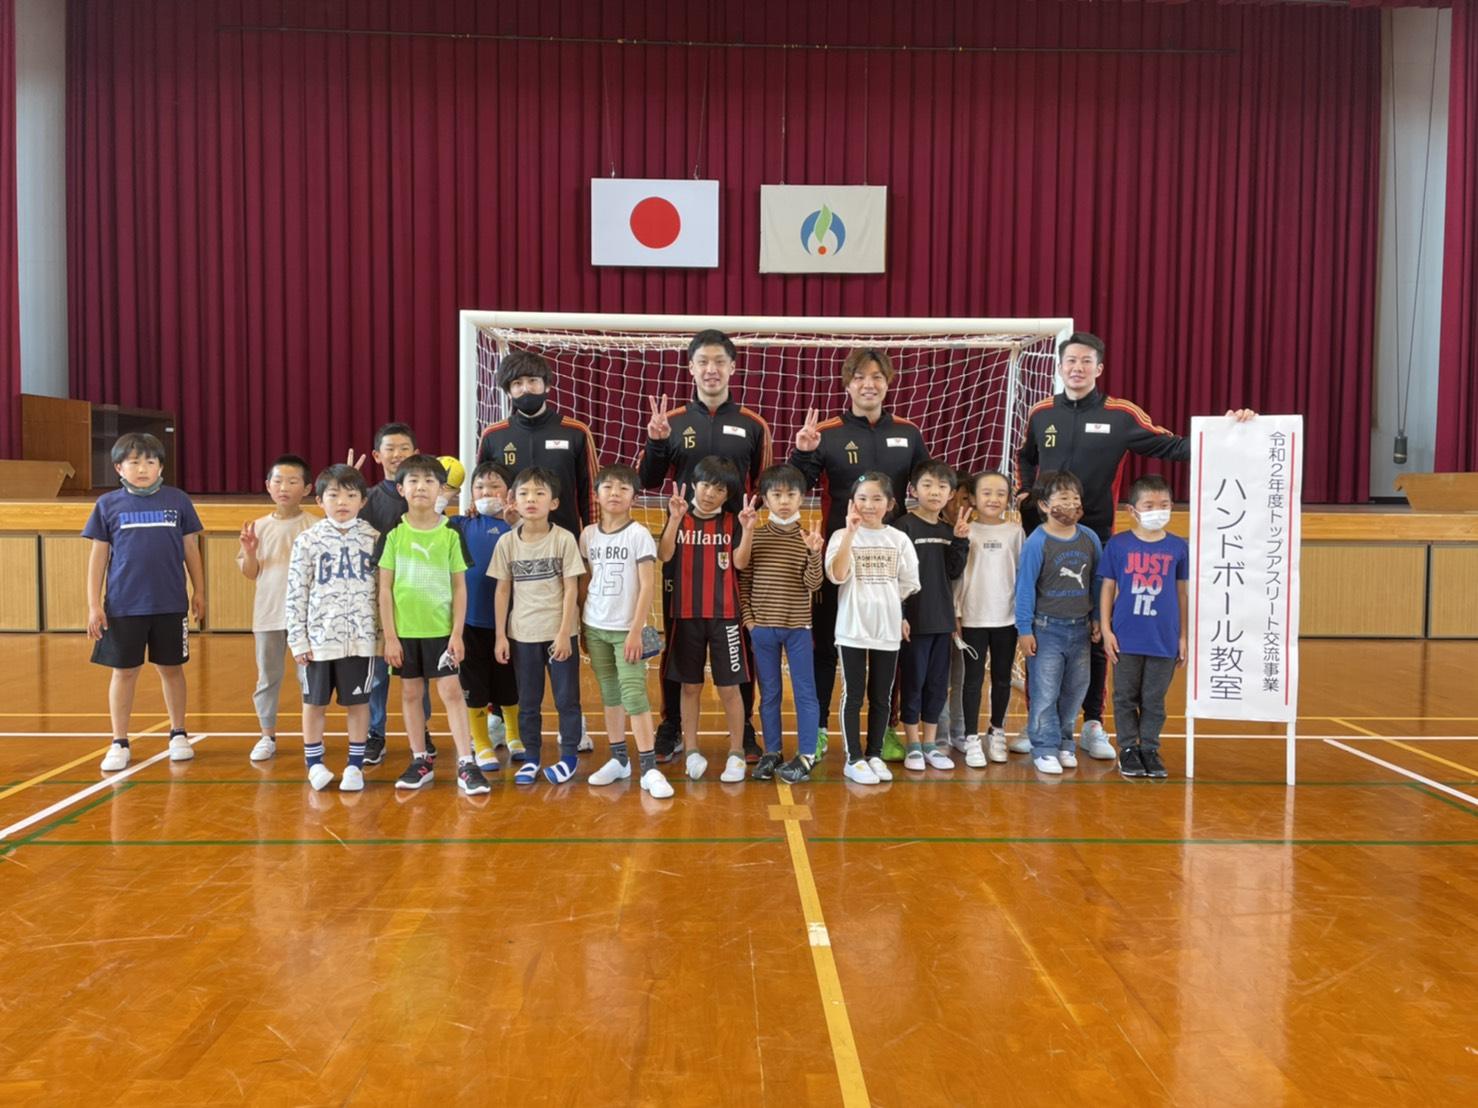 【チーム】「ハンドボール楽しいよ」。小城市で体験教室(3月29日)